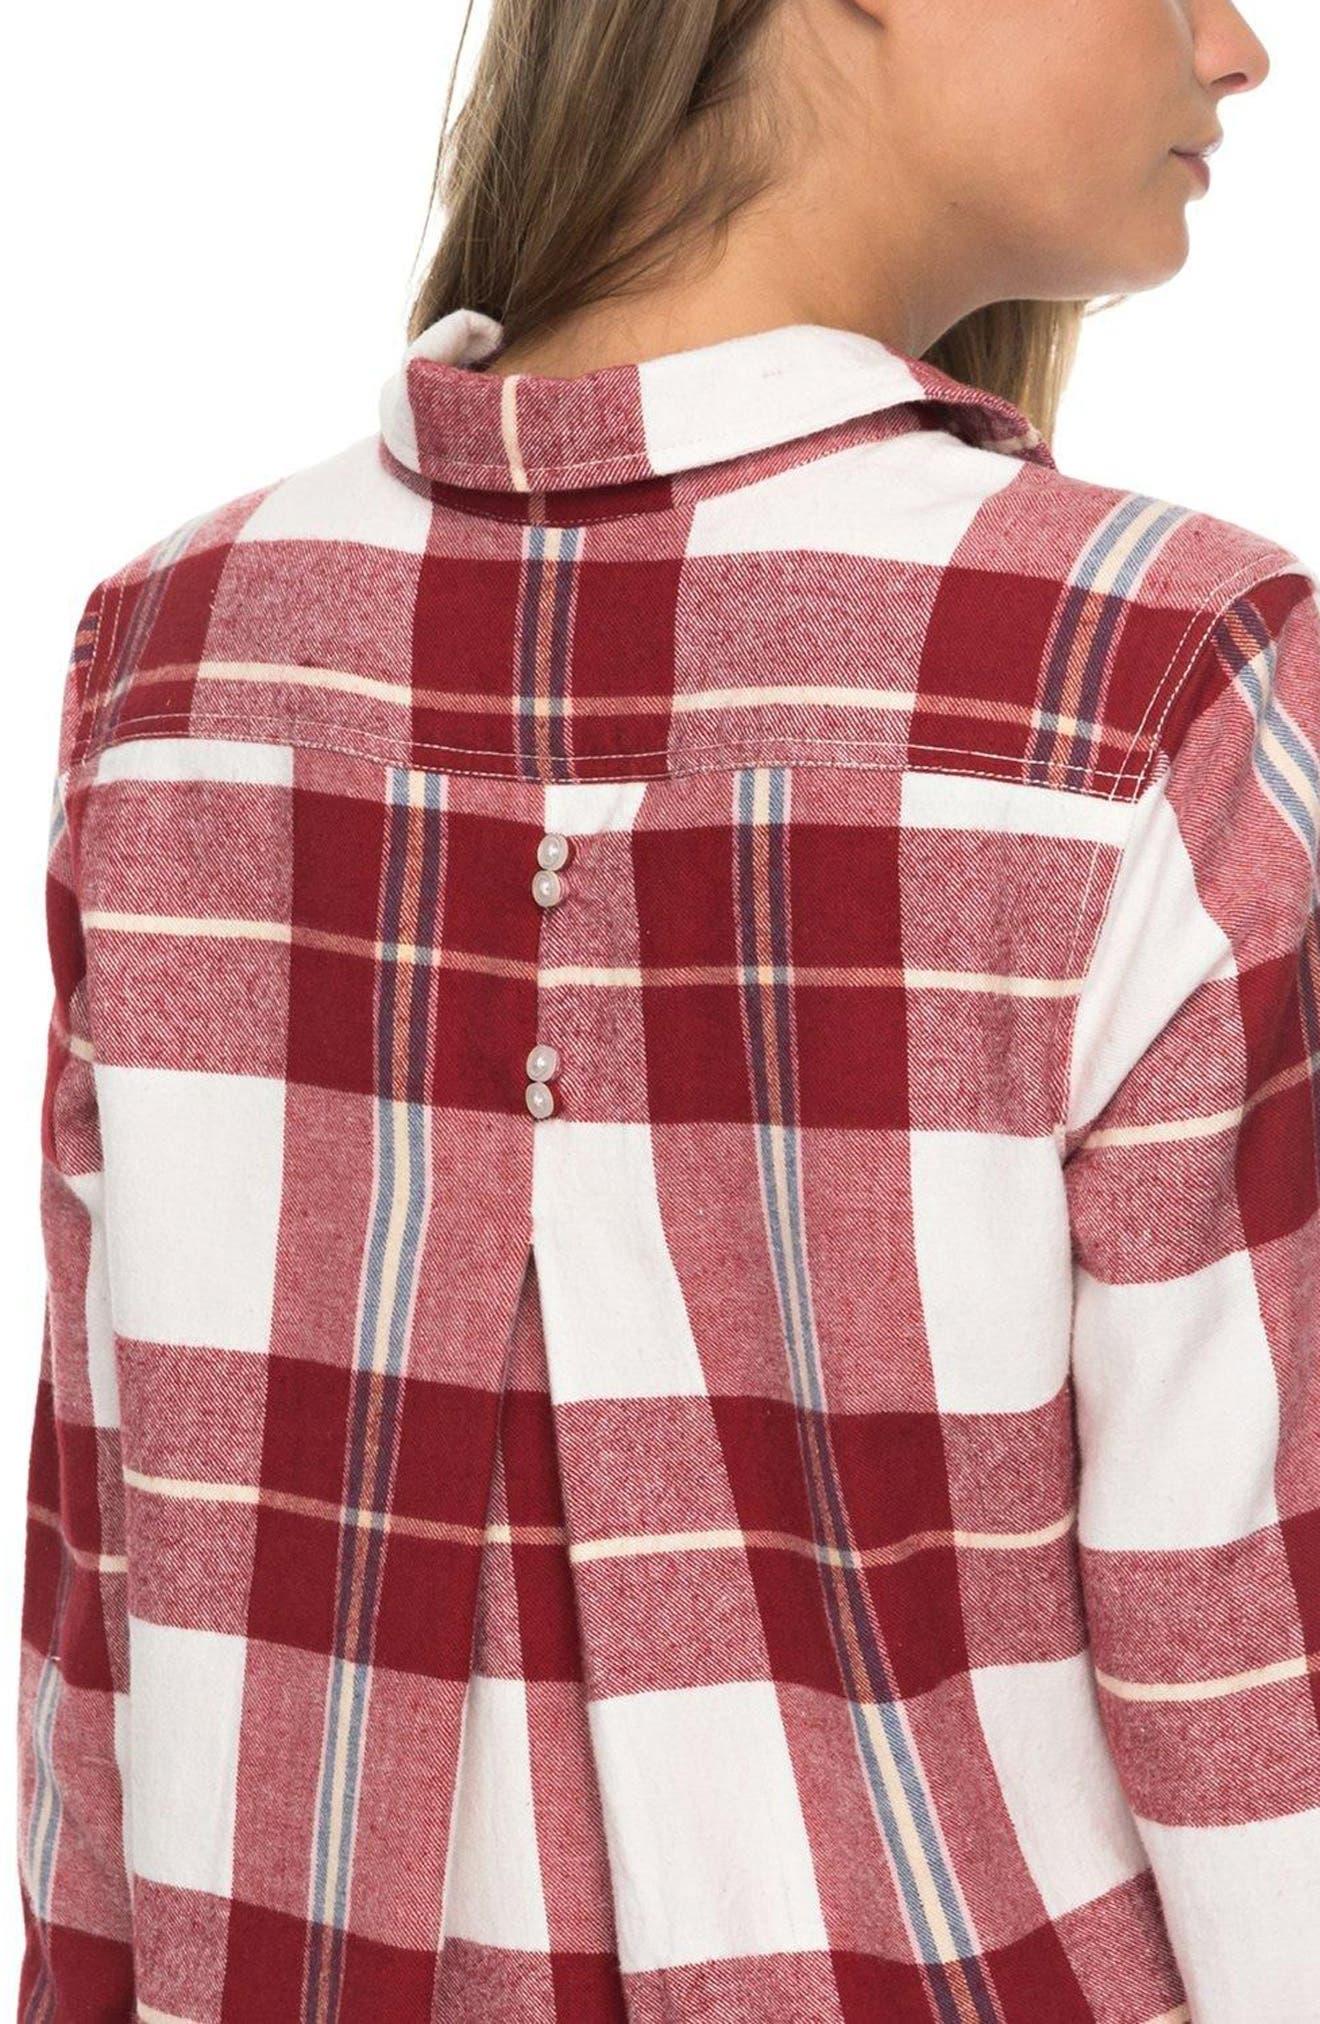 Heavy Feelings Plaid Cotton Shirt,                             Alternate thumbnail 9, color,